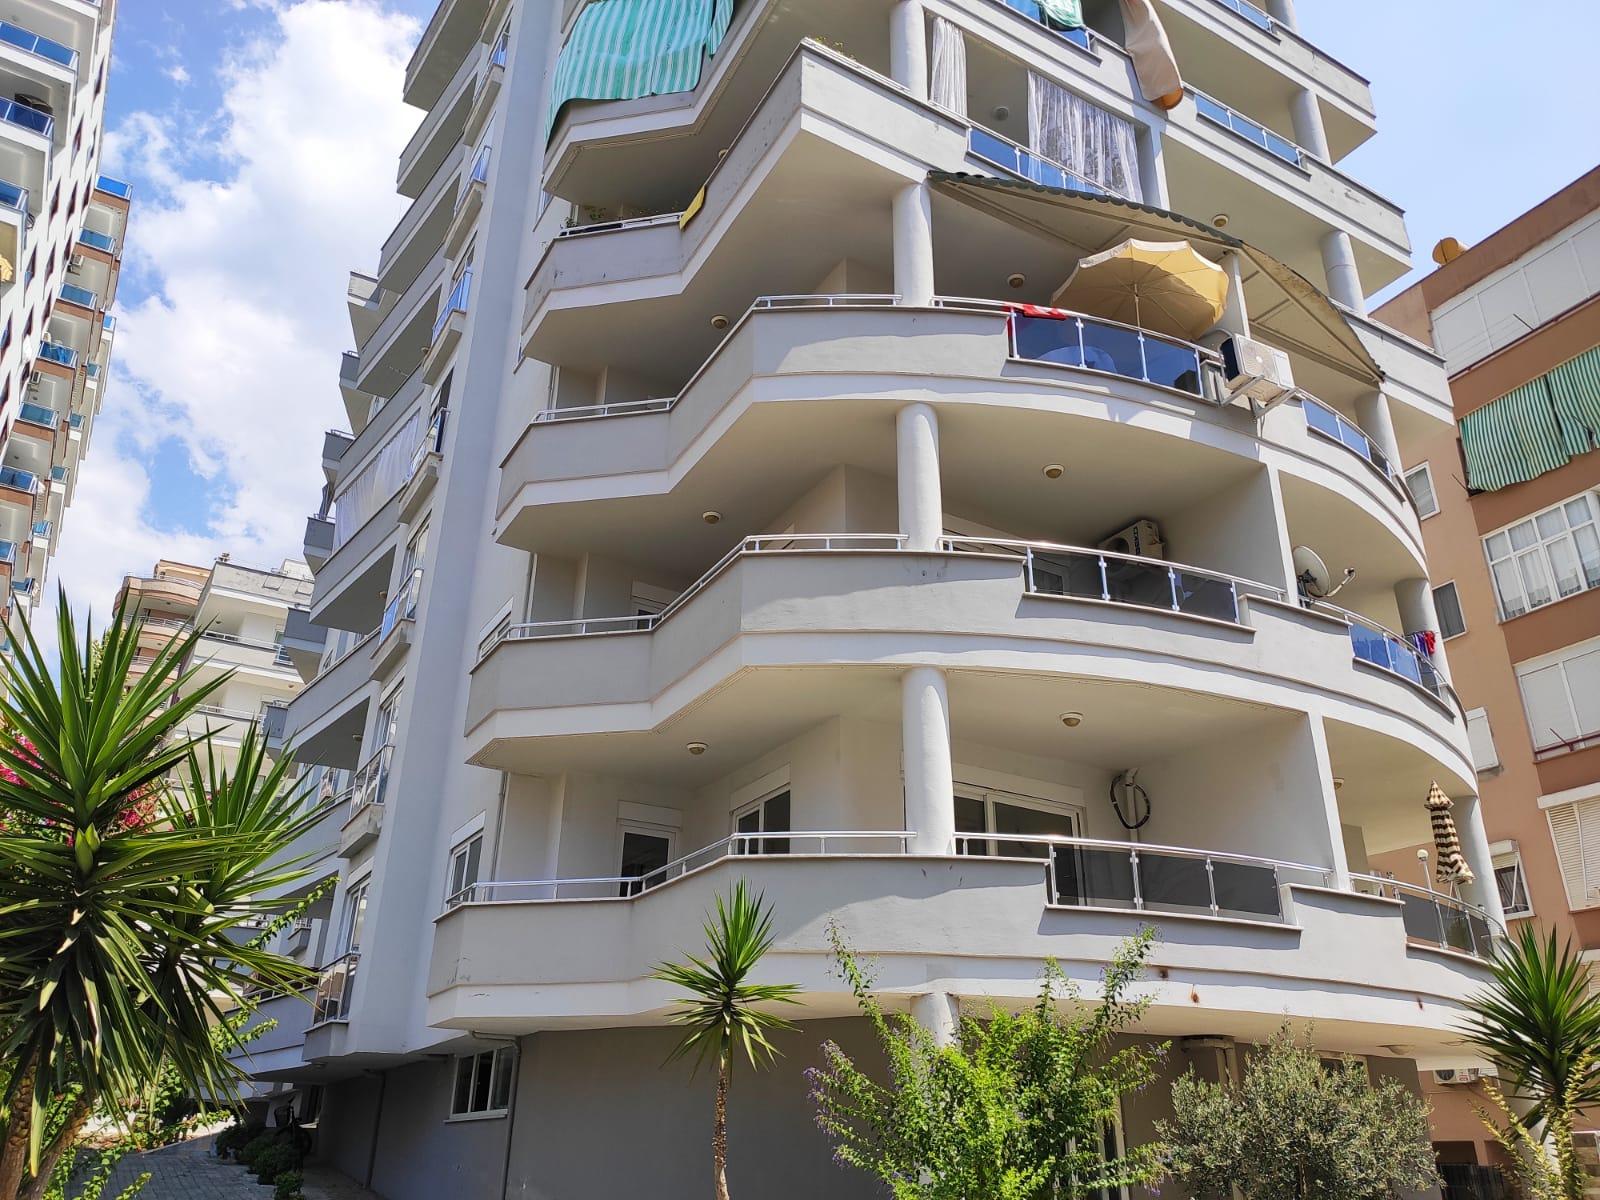 апартаменты 2+1 в ЖК Korkmaz, стоимостью 50.000 евро